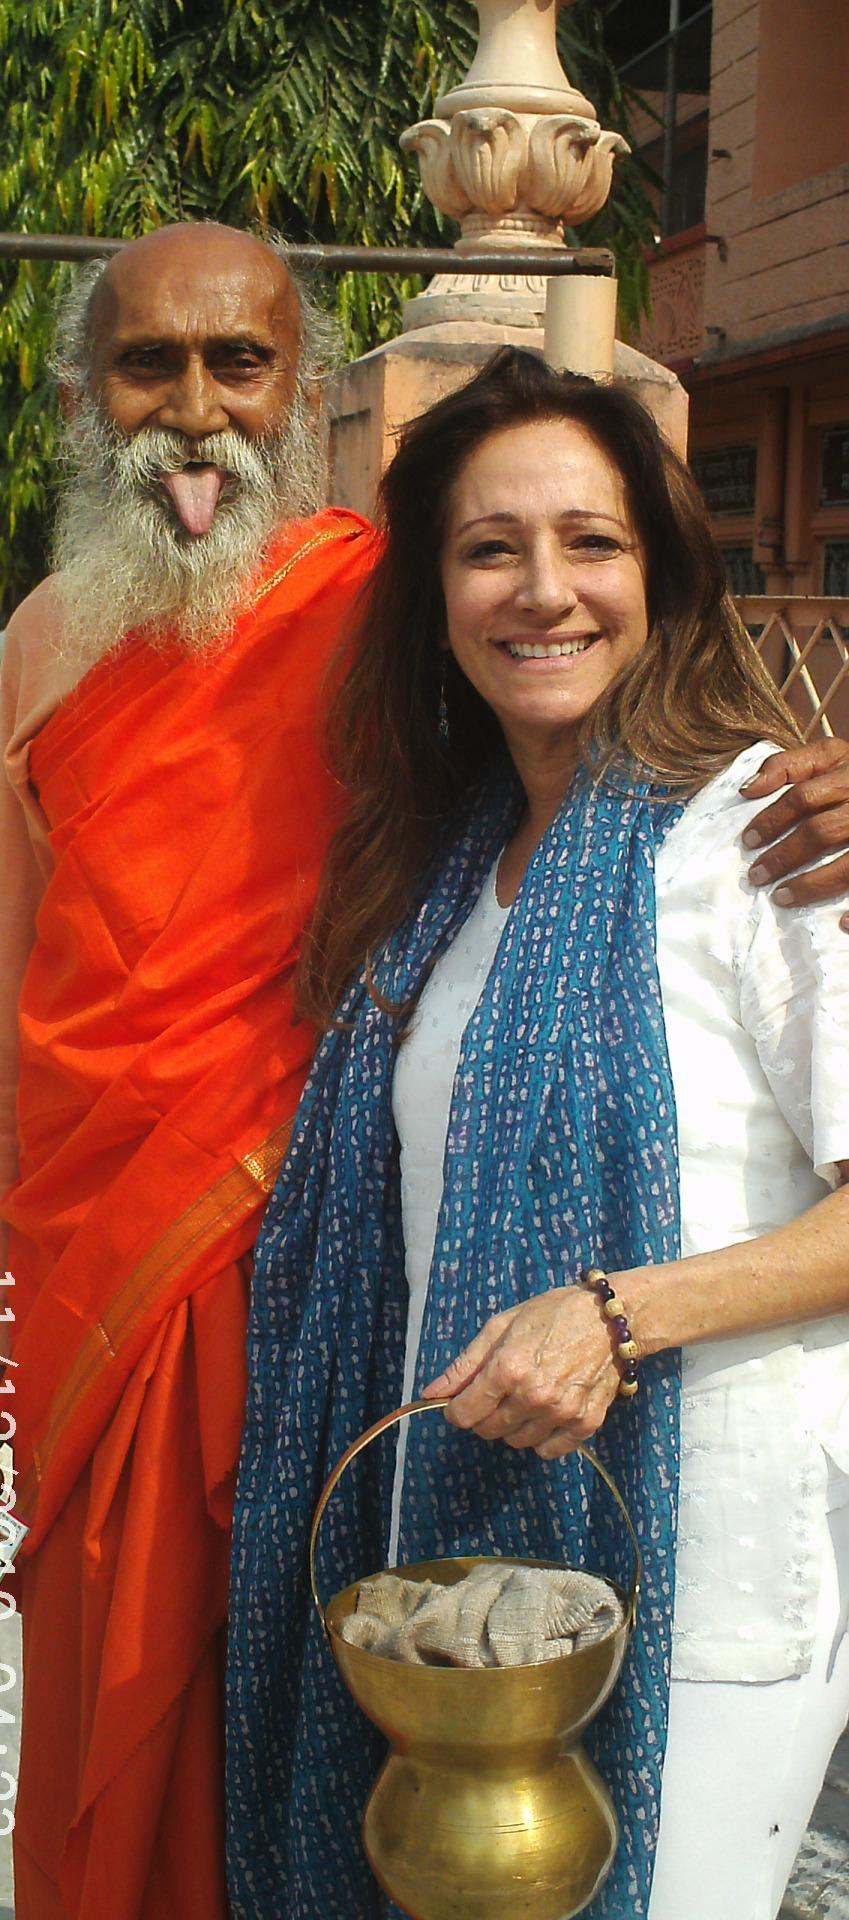 Debra in India